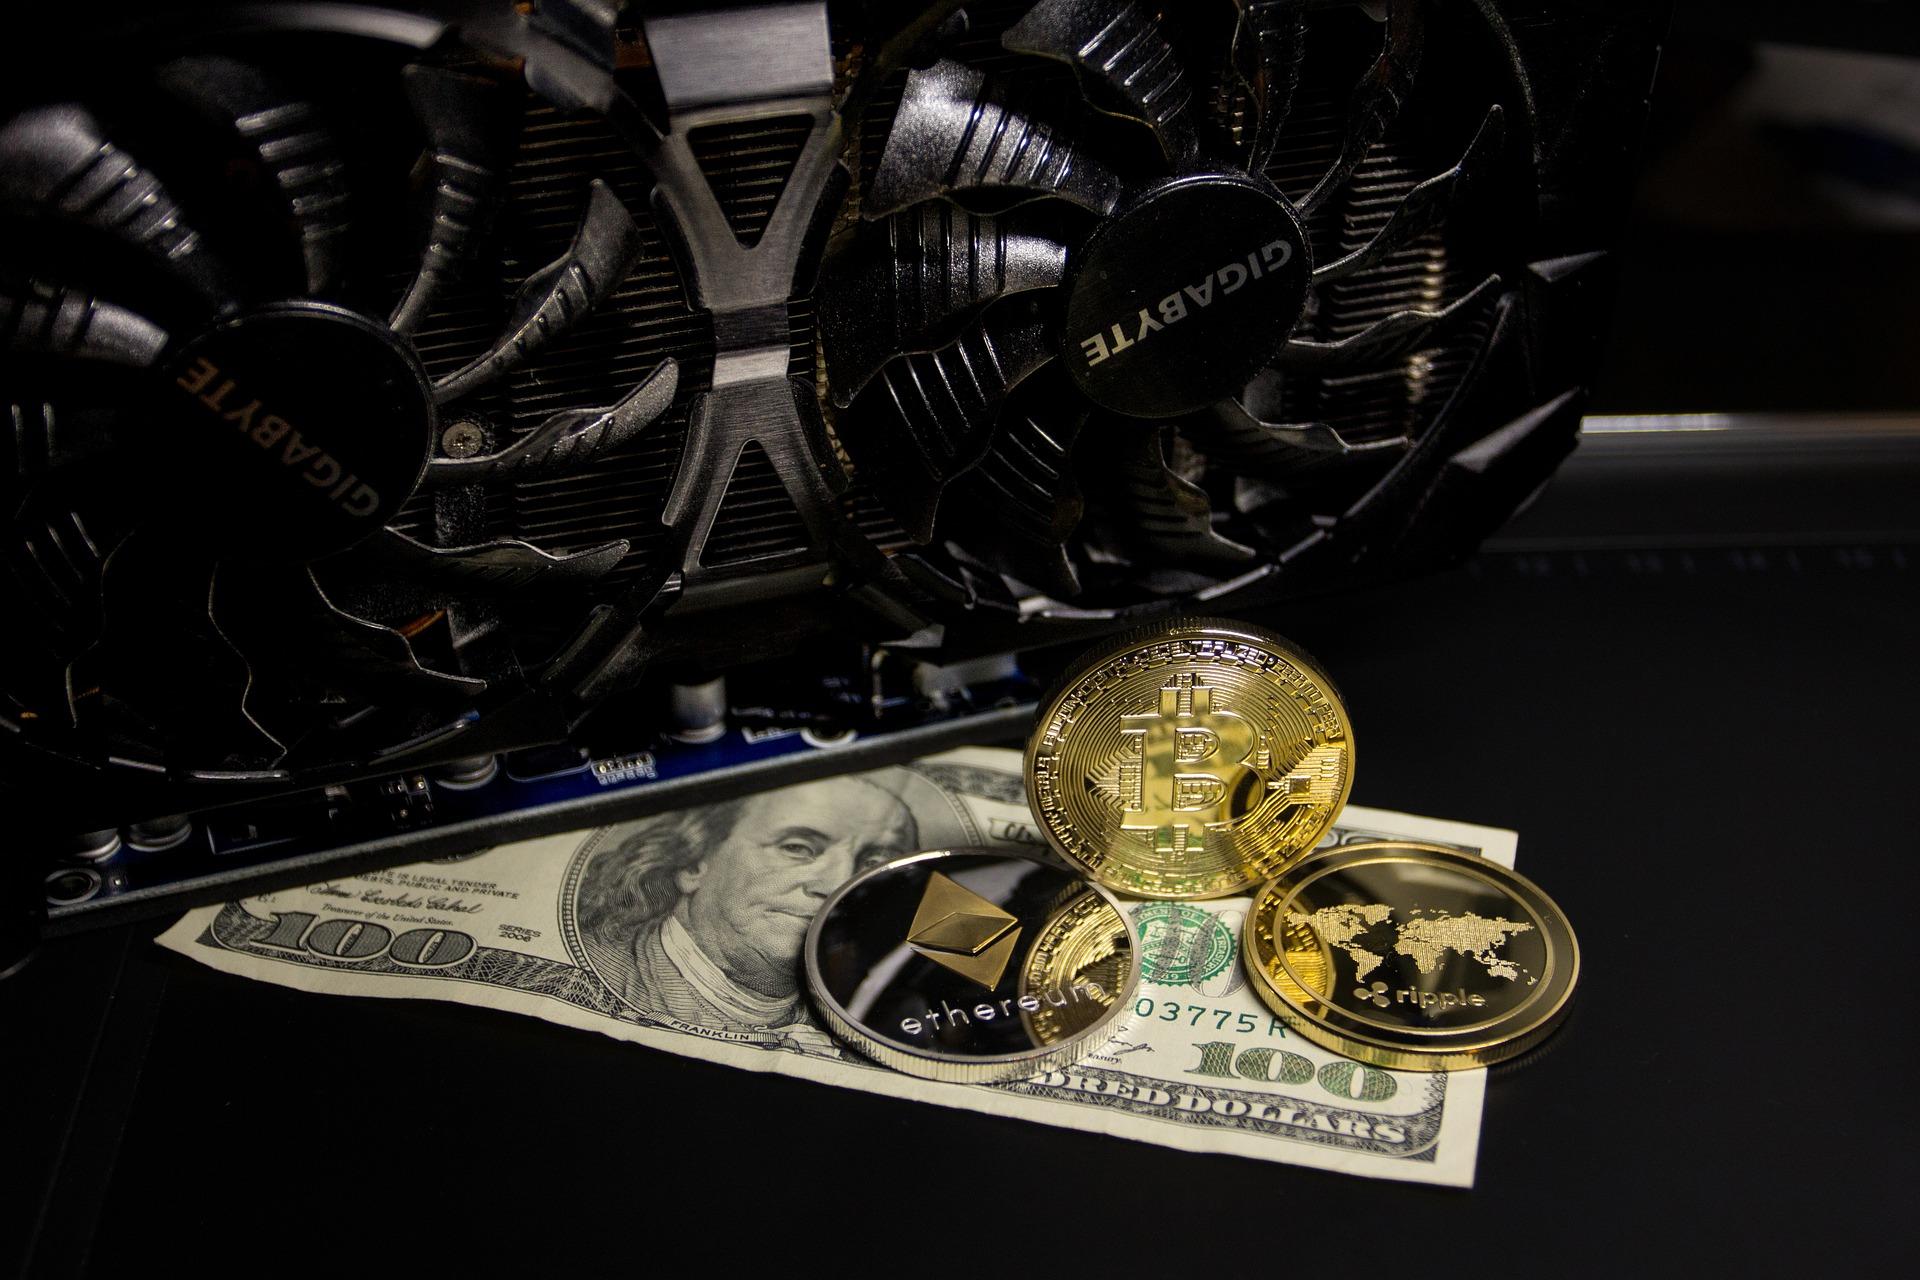 l 39 argent attire les arnaques comme le bitcoin le cryptojacking a explos en 2017 tech. Black Bedroom Furniture Sets. Home Design Ideas